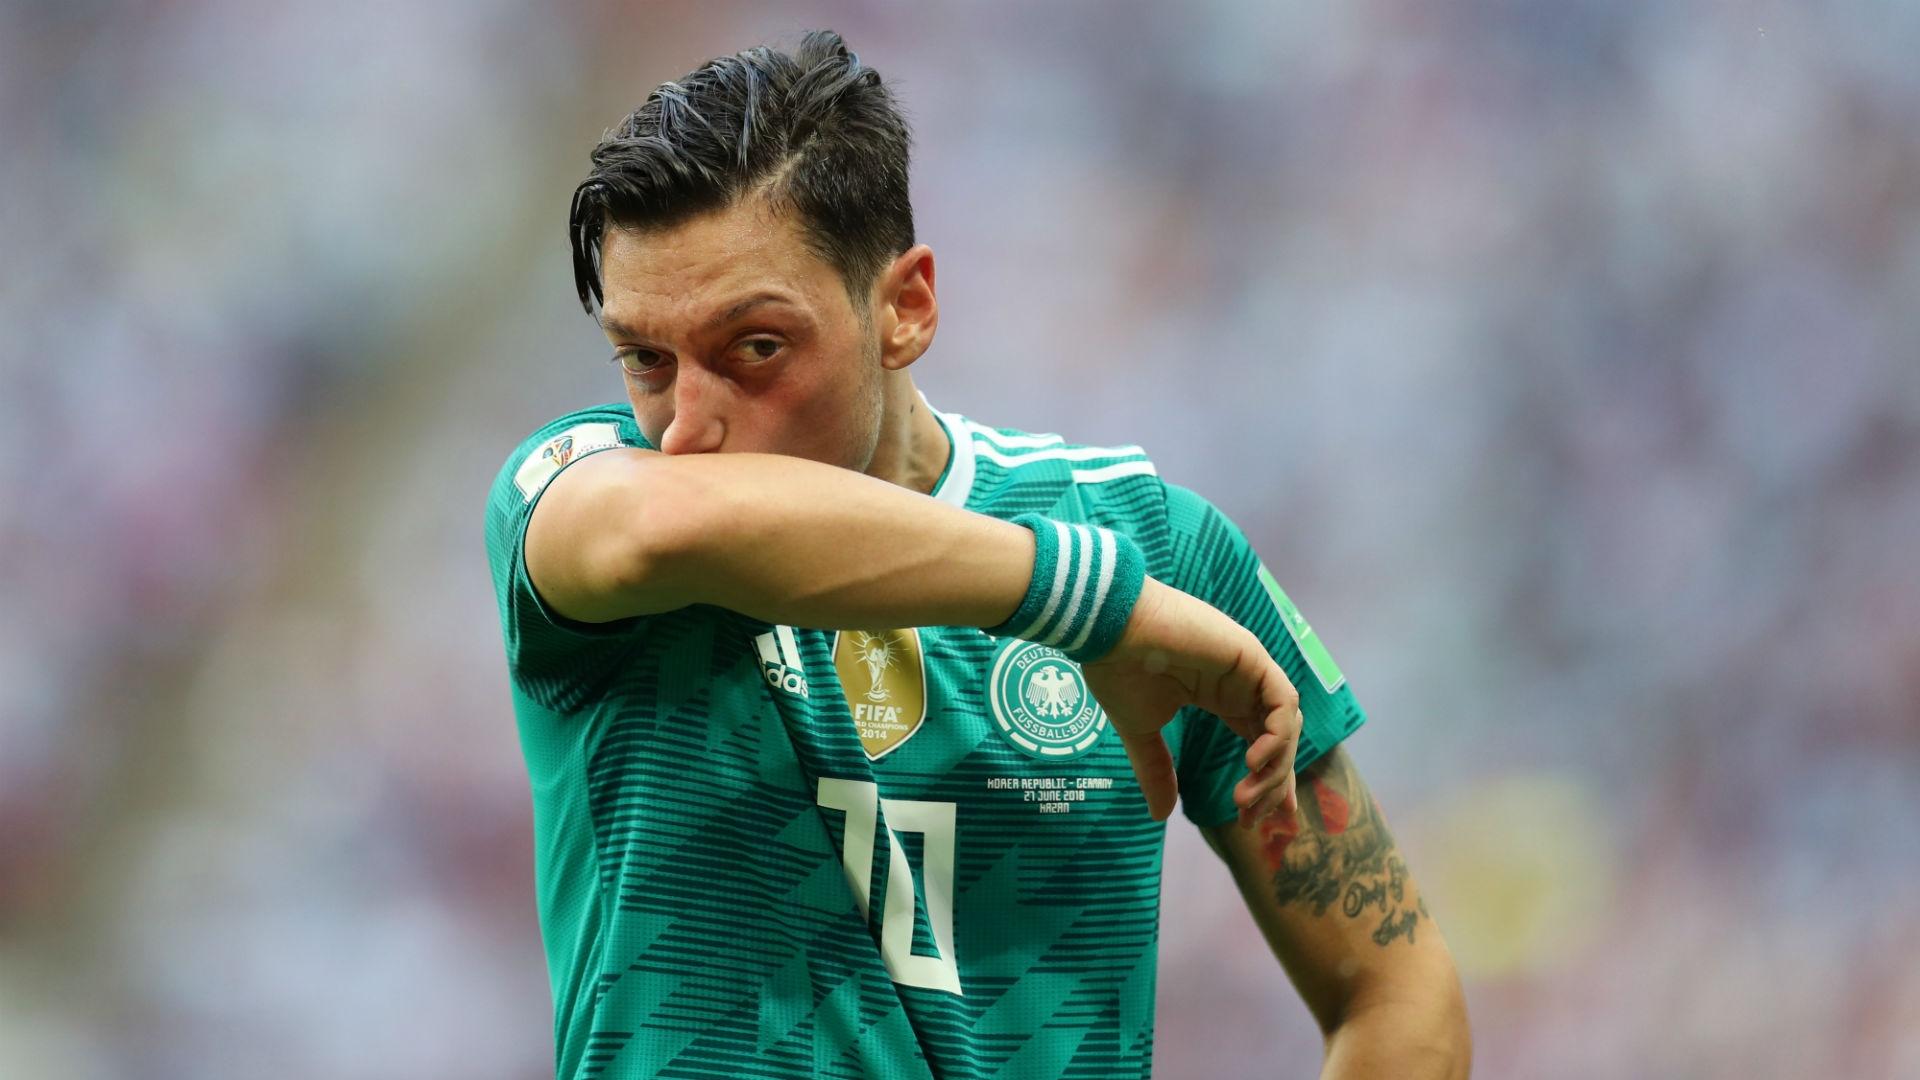 Mesut Ozil - Germany, Arsenal